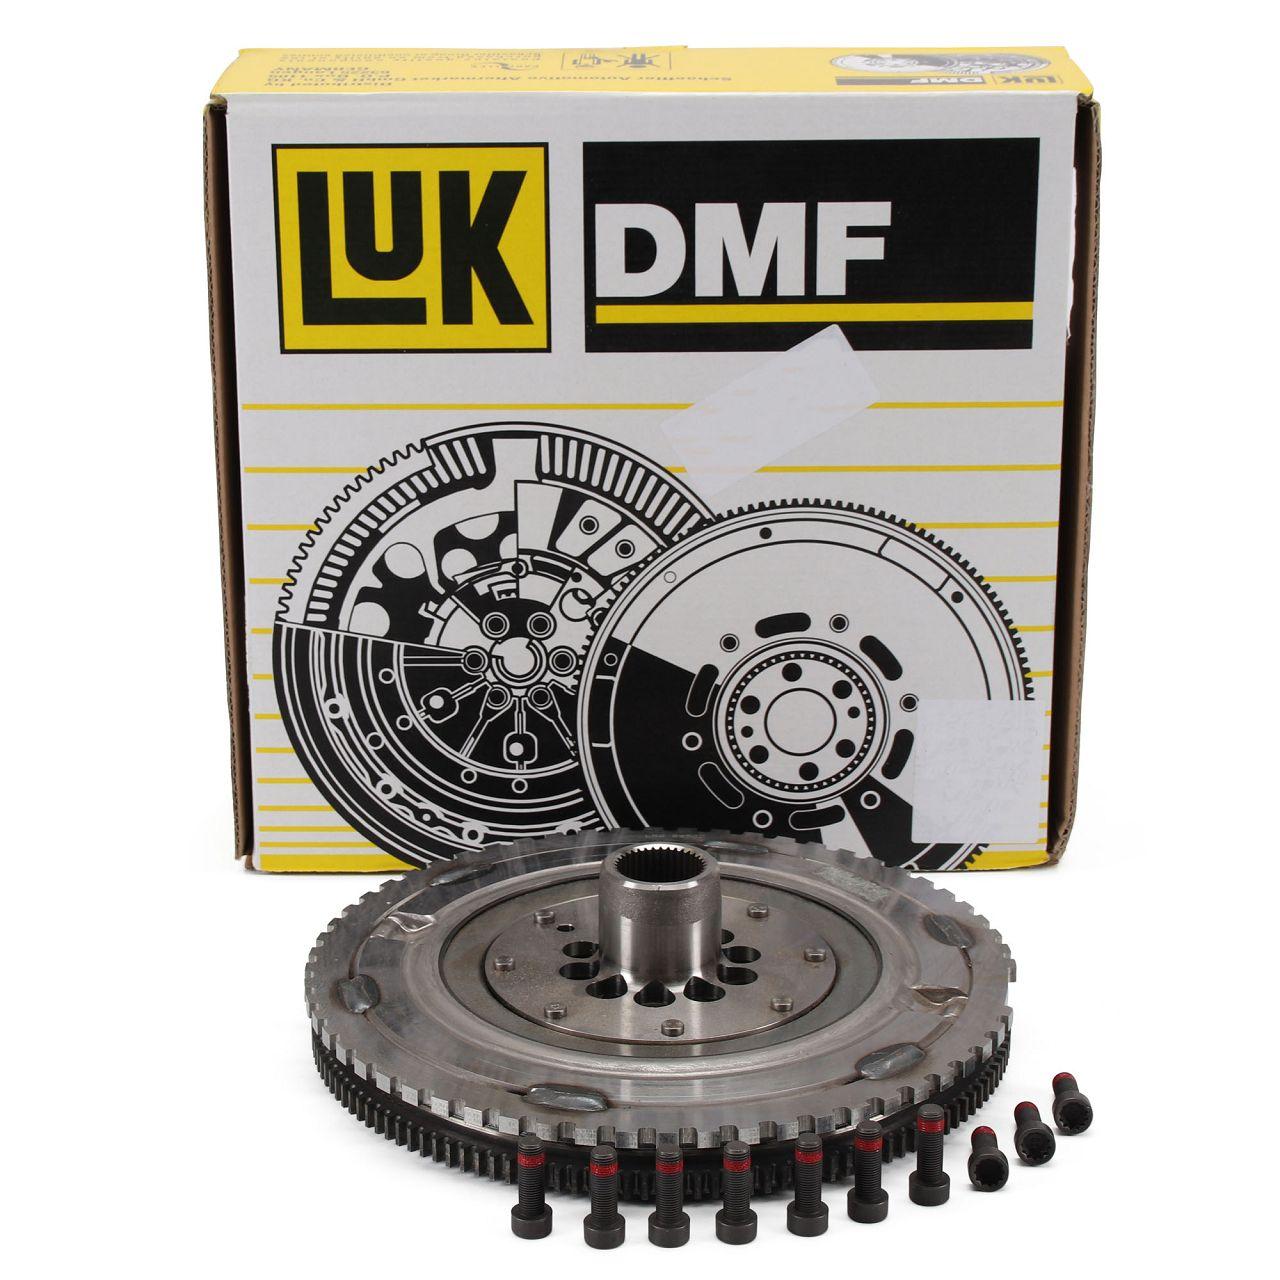 LUK Schwungrad DMF ZMS für PORSCHE 911 (997) 3.6 Carrera + 3.8 Carrera S